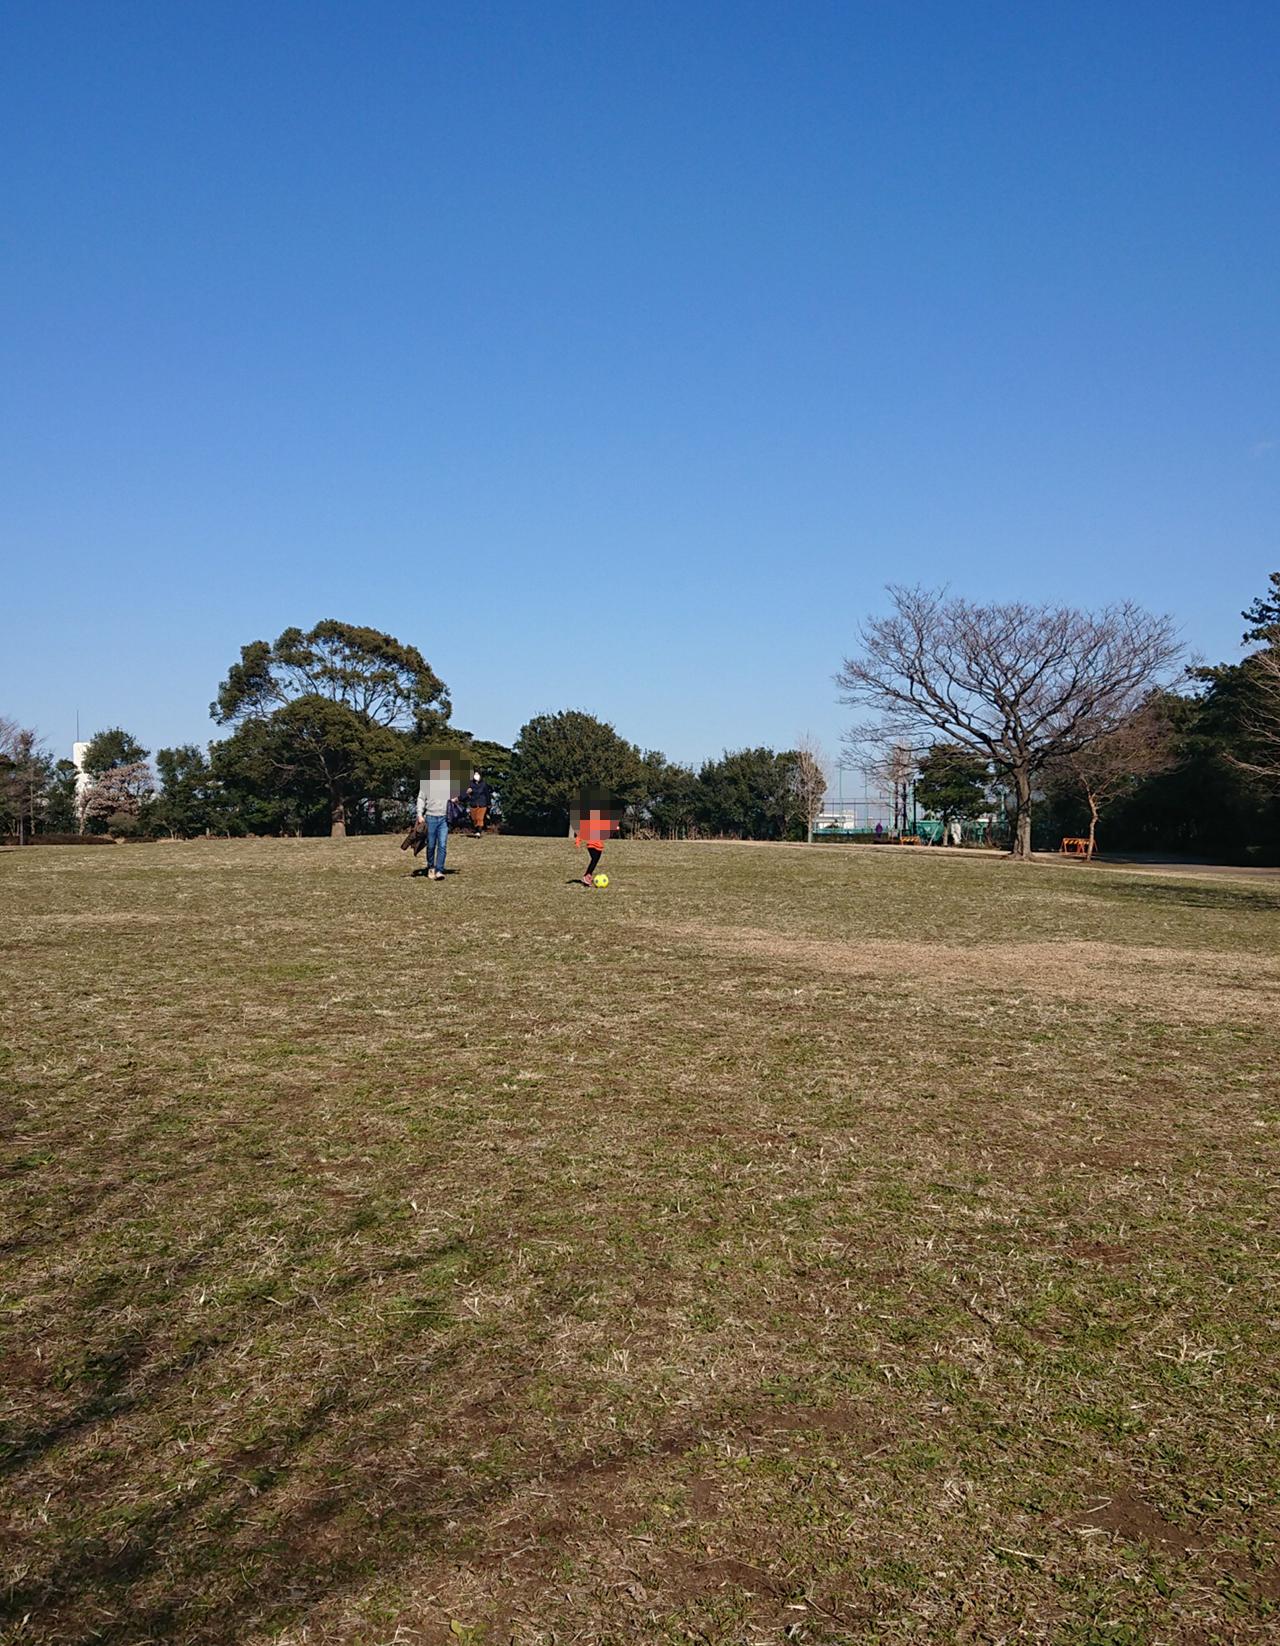 芝生広場でサッカーをする写真